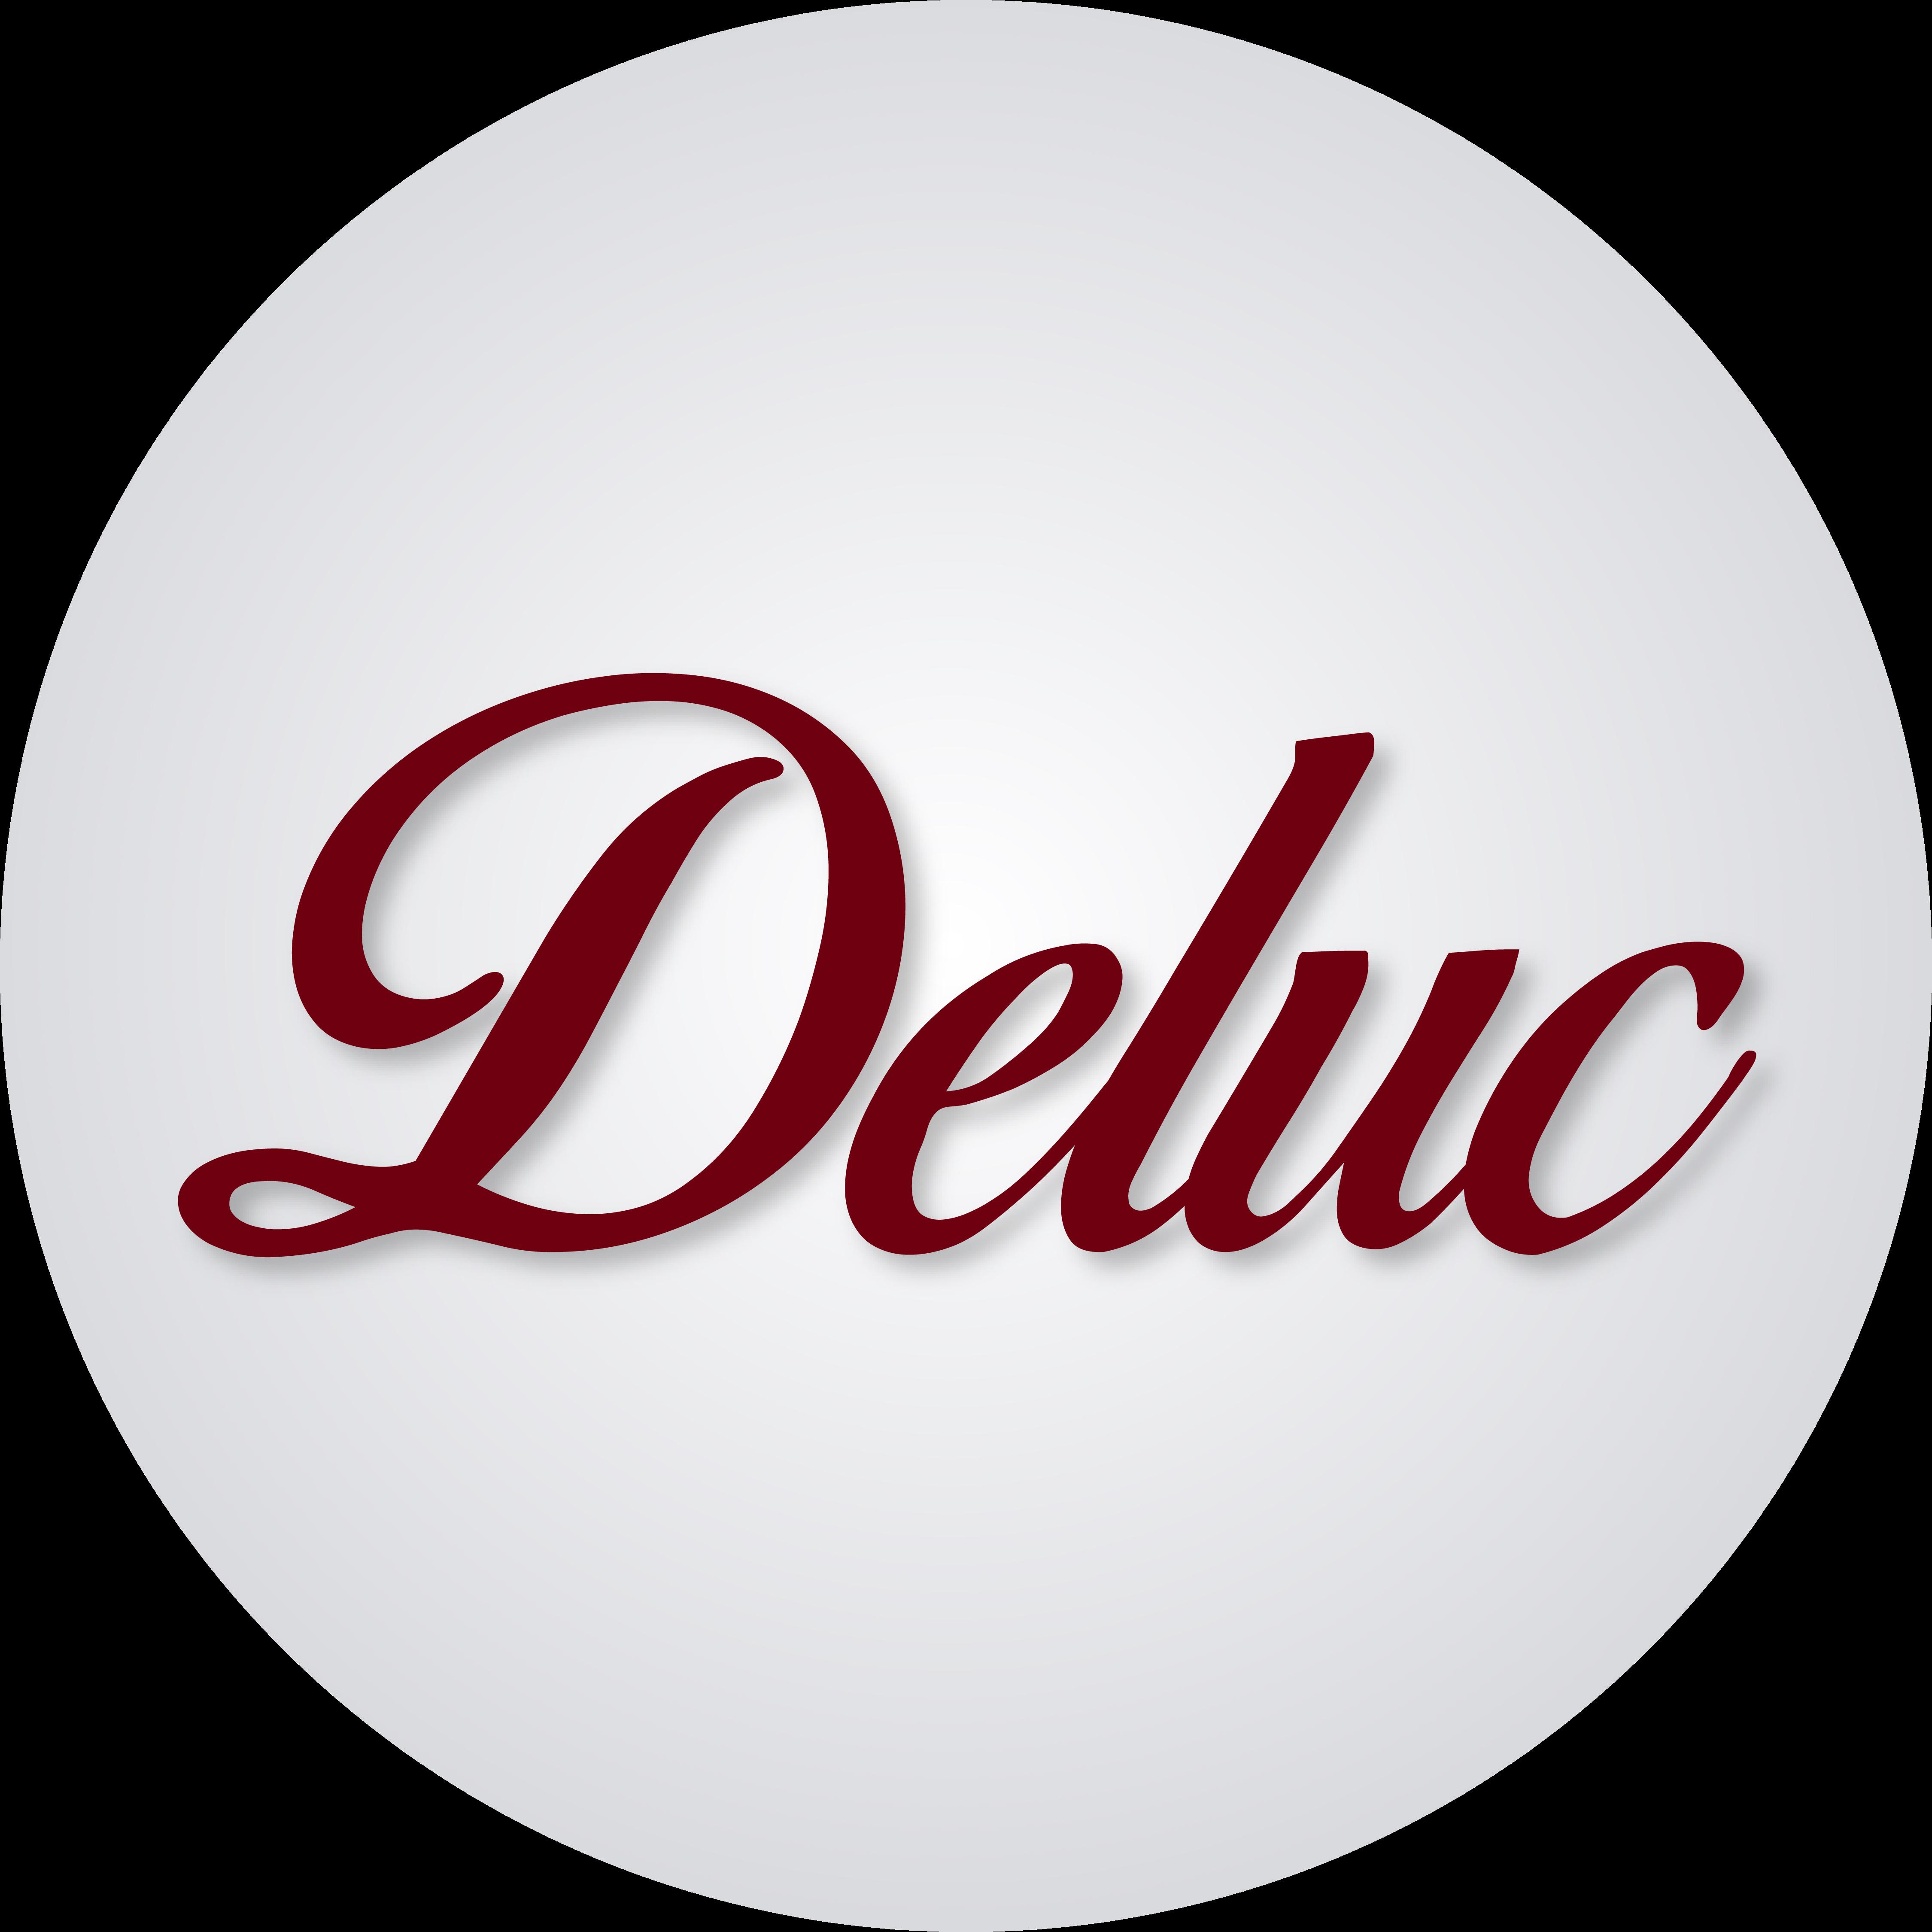 Deluc (Deluc_compreaqui) Profile Image | Linktree